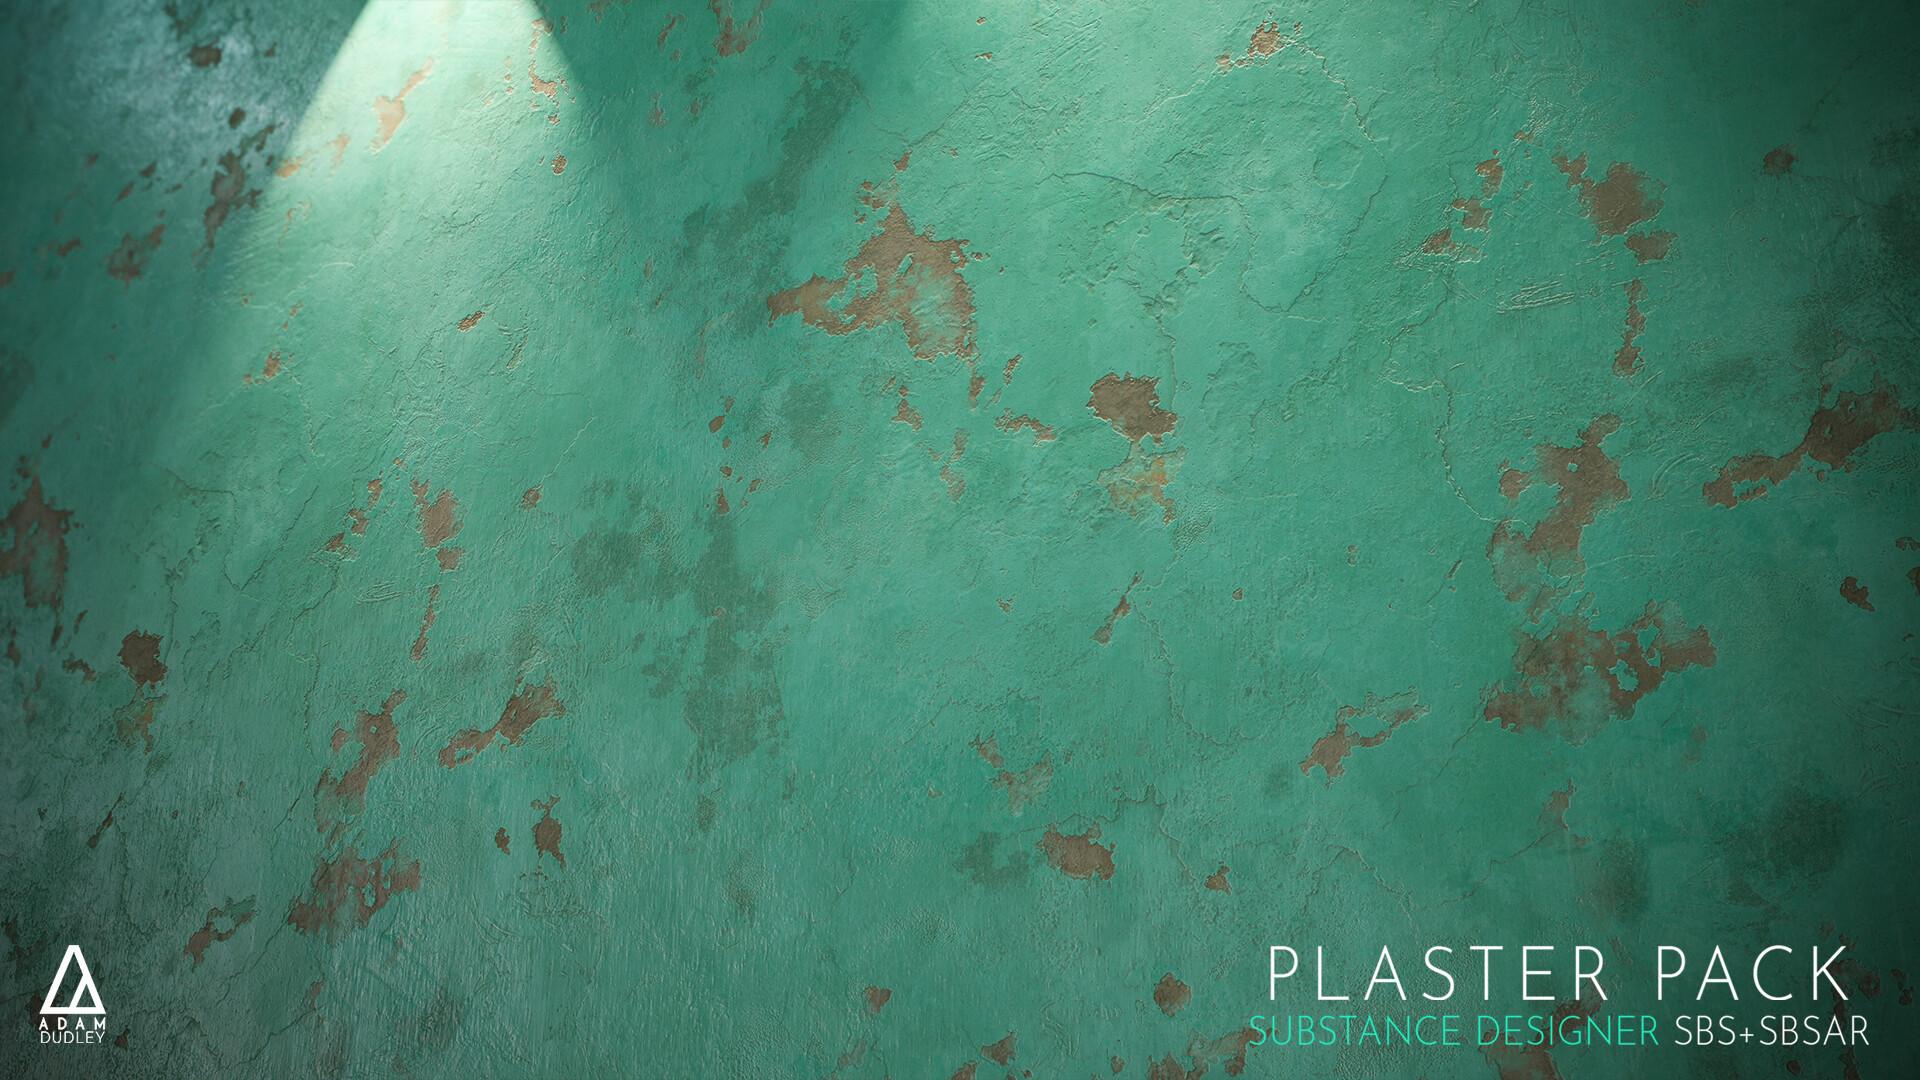 Plaster Pack